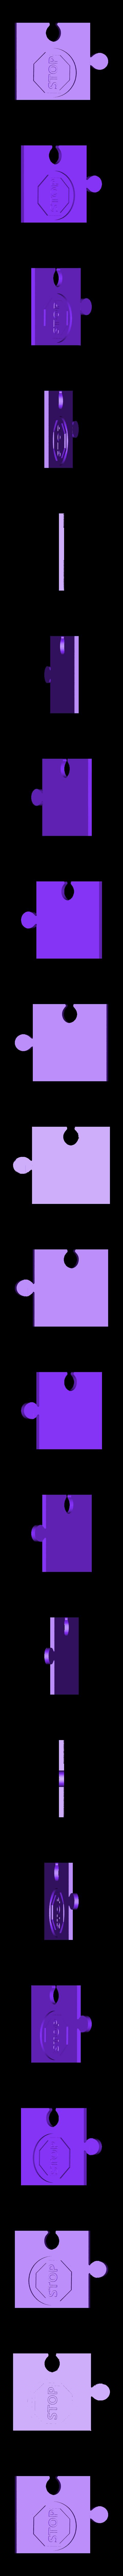 dessous de verre puzzle stop.stl Download STL file PUZZLE UNDER GLASS SIGNALING PANEL • Template to 3D print, catf3d